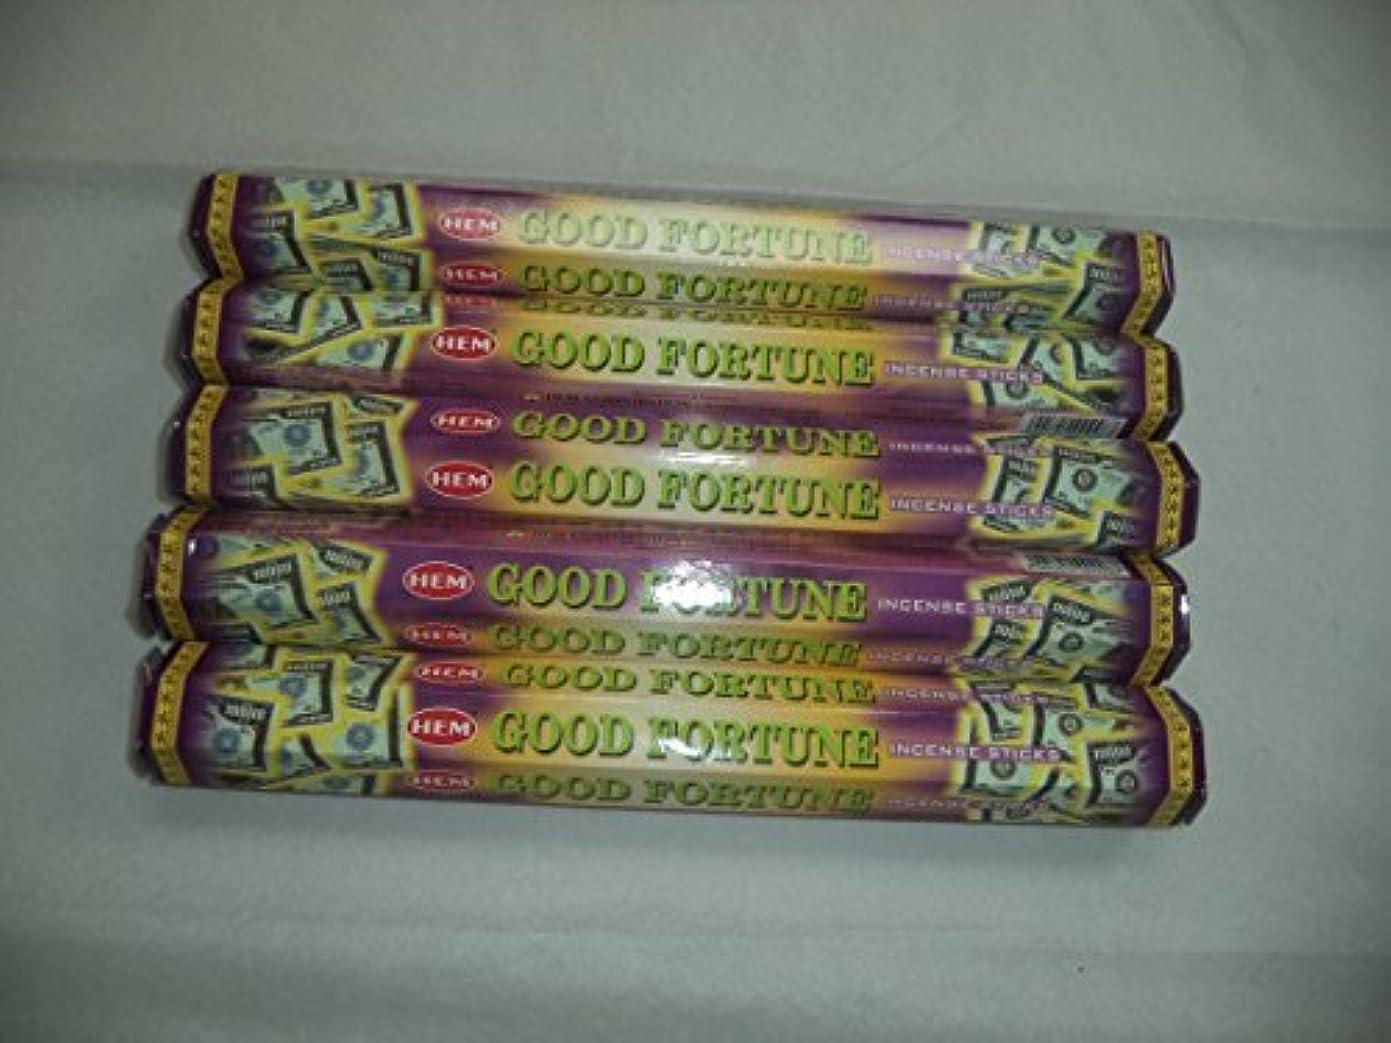 浴飢えヒューズHem Good Fortune 100?Incense Sticks (5?x 20スティックパック) by裾